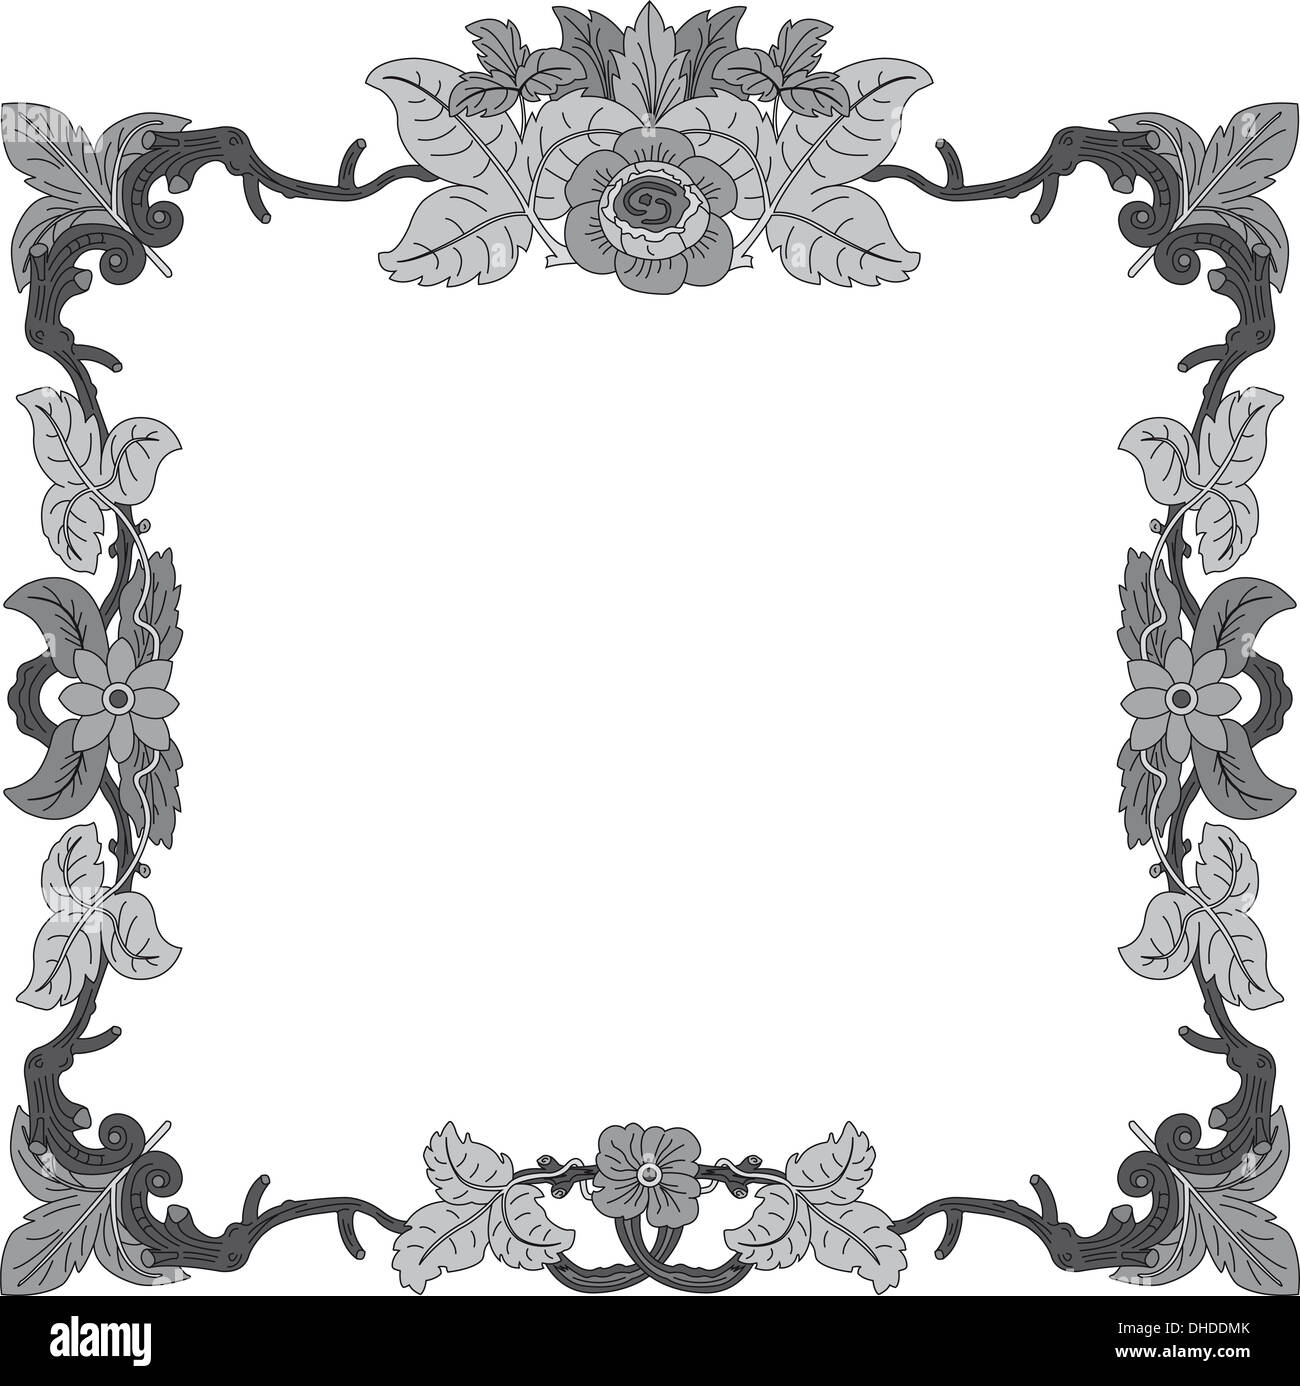 Blume Rahmen 2 schwarz weißes Quadrat Stockfoto, Bild: 62376403 - Alamy